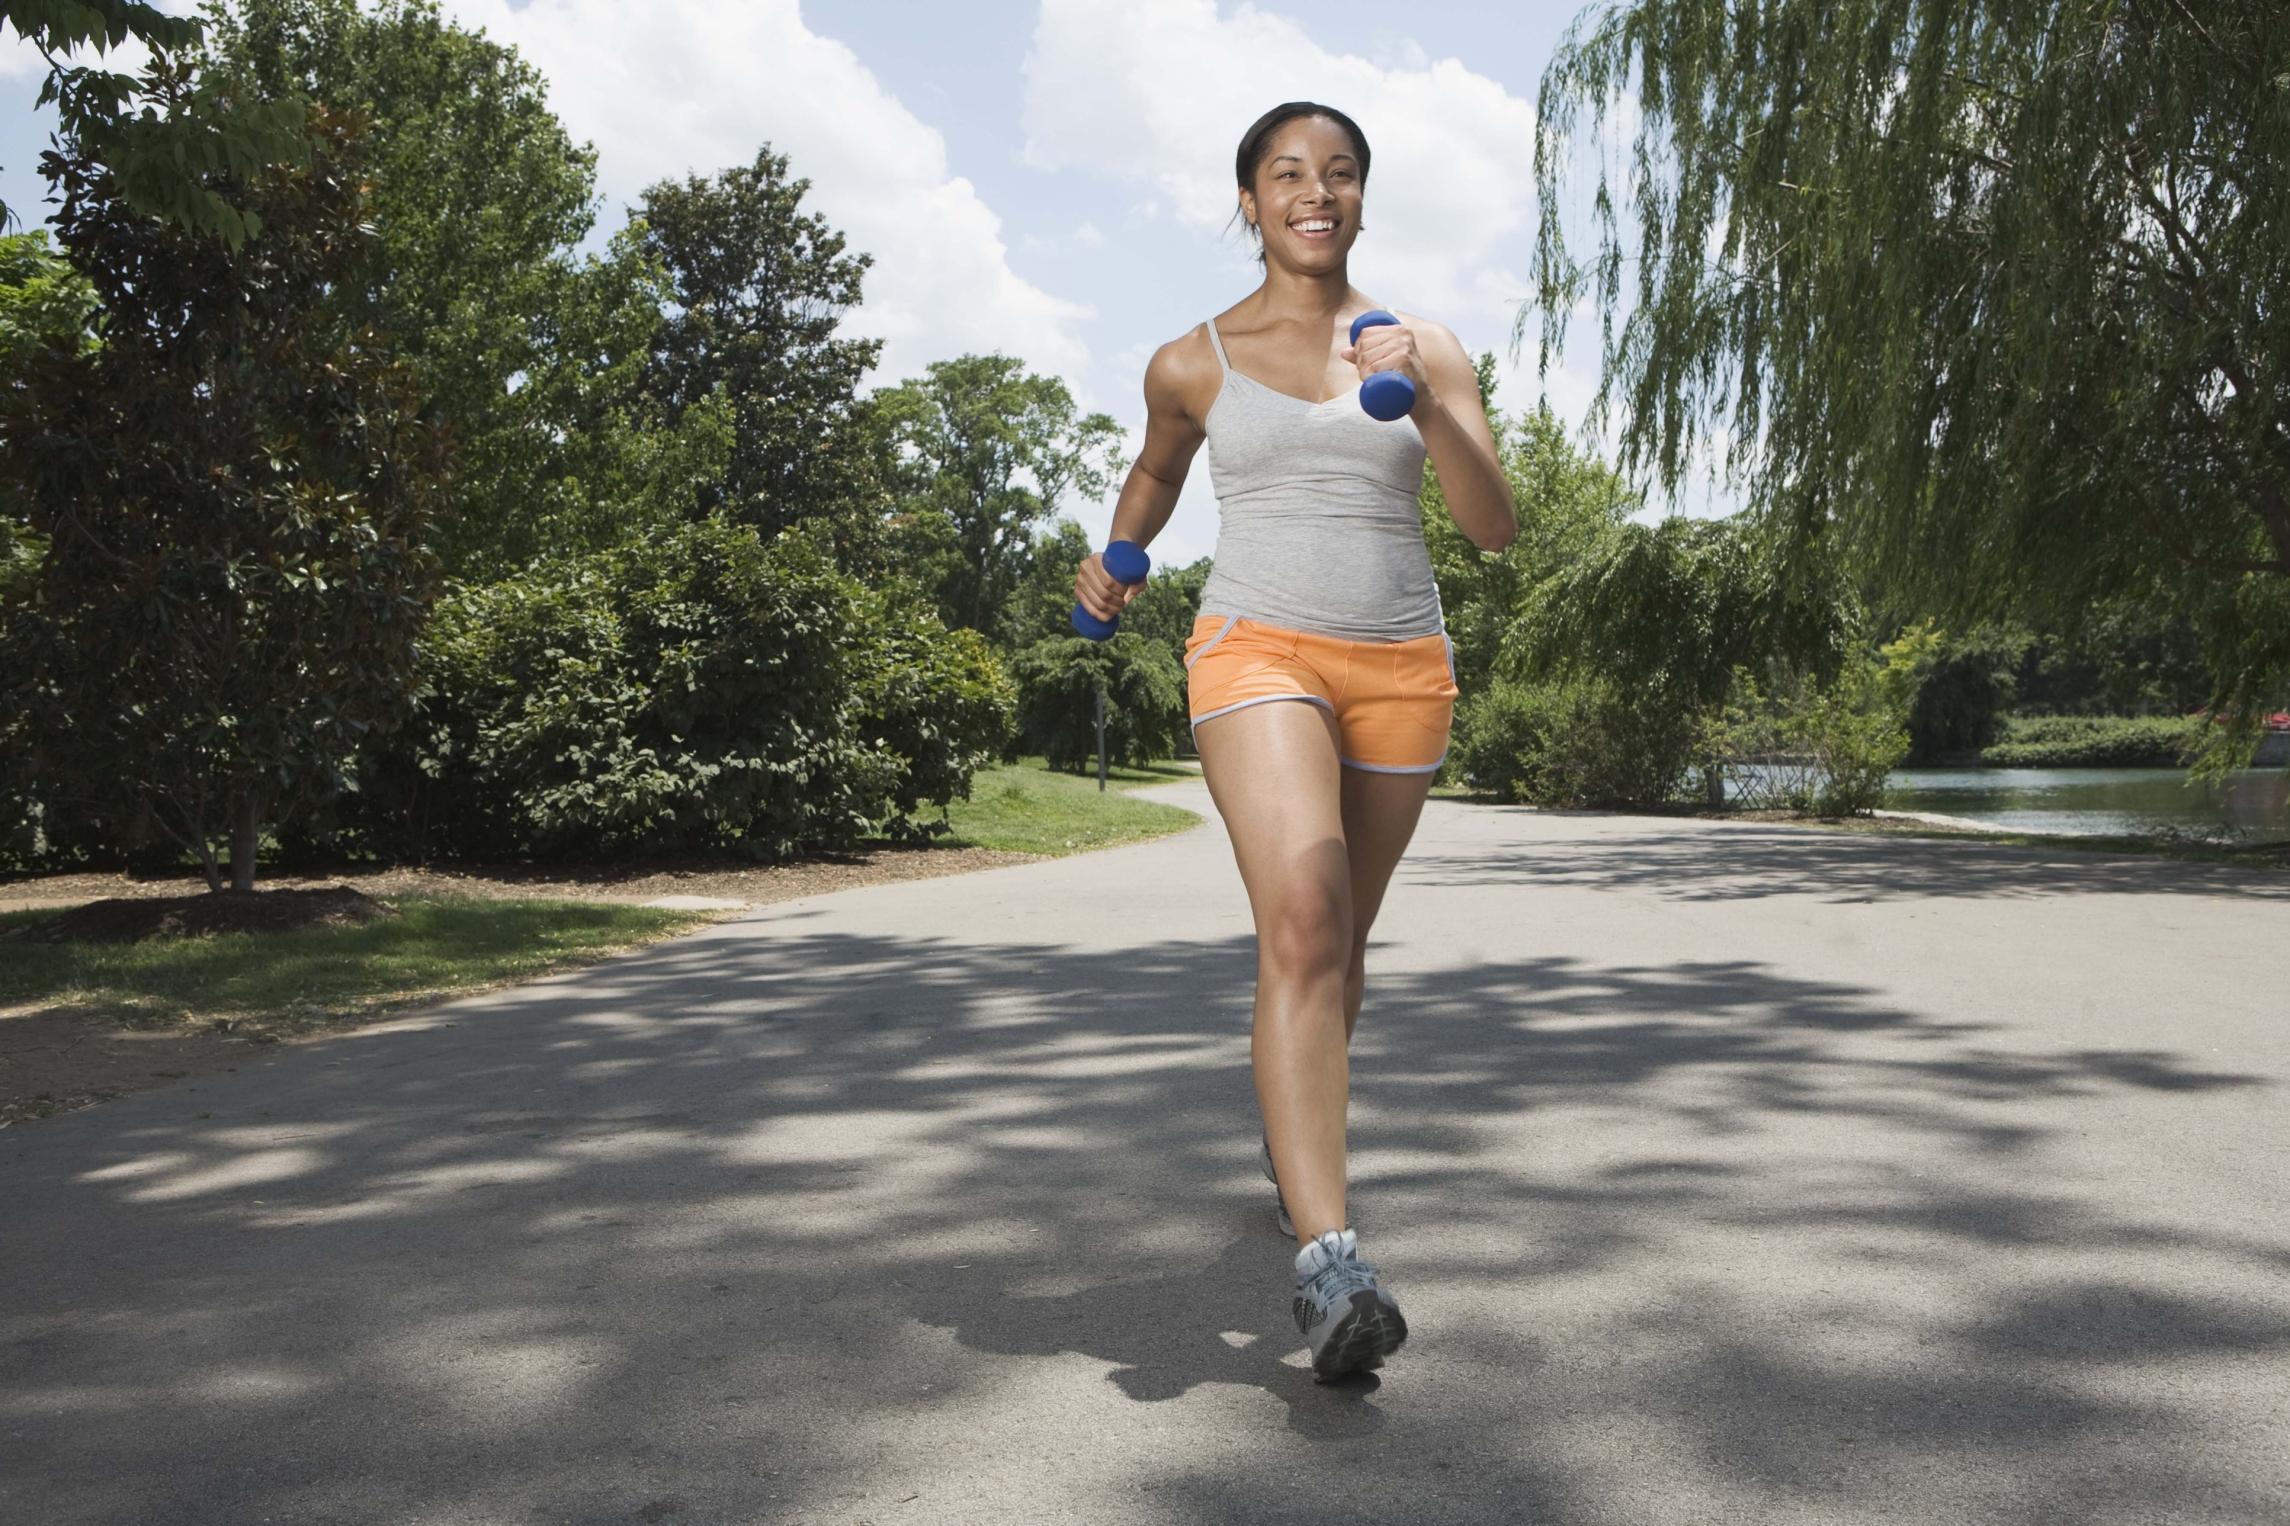 Diet plan to lose weight fast in 2 weeks in urdu image 9